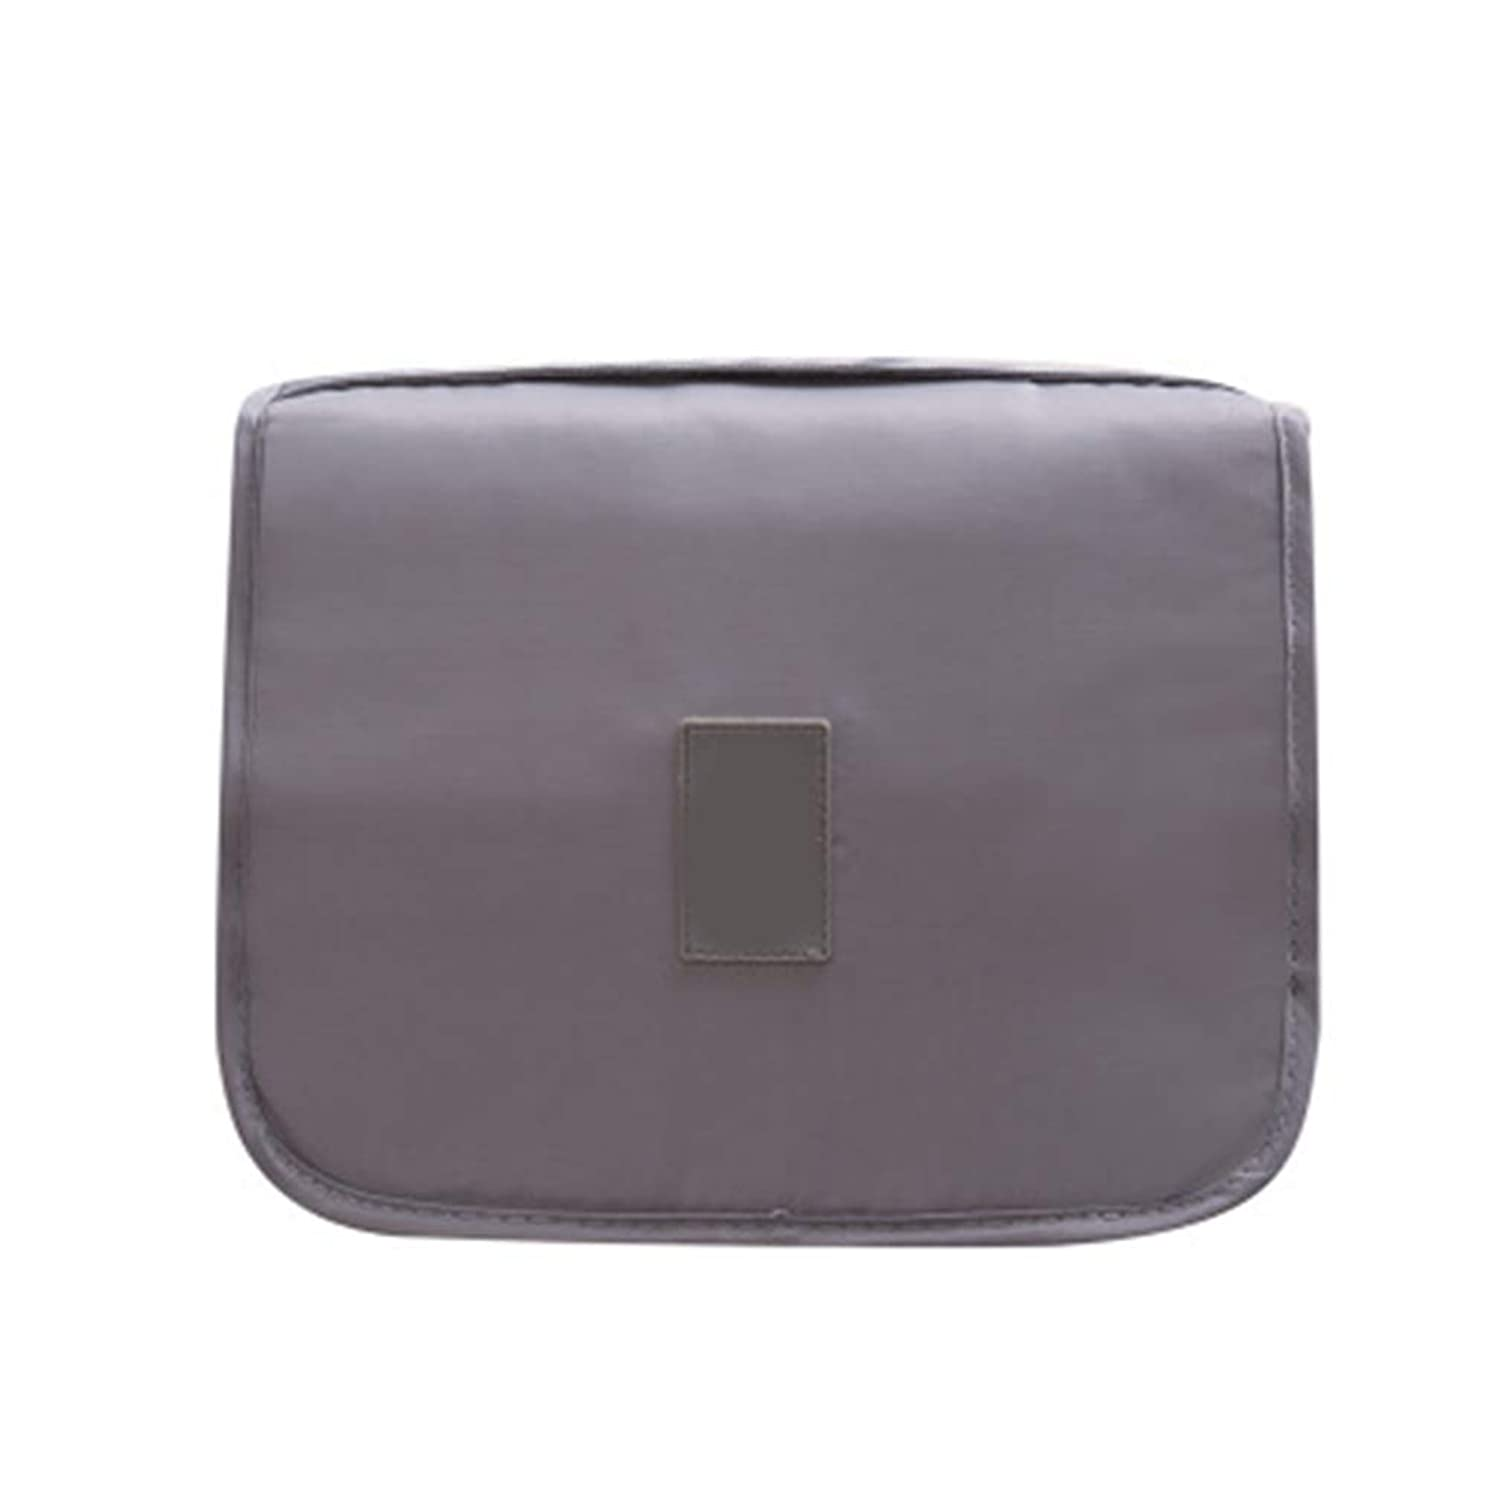 不適不均一バスタブBTFirstフック付きトイレタリーバッグオーガナイザーバッグとハンドルメンズレディース用防水化粧品バッグ